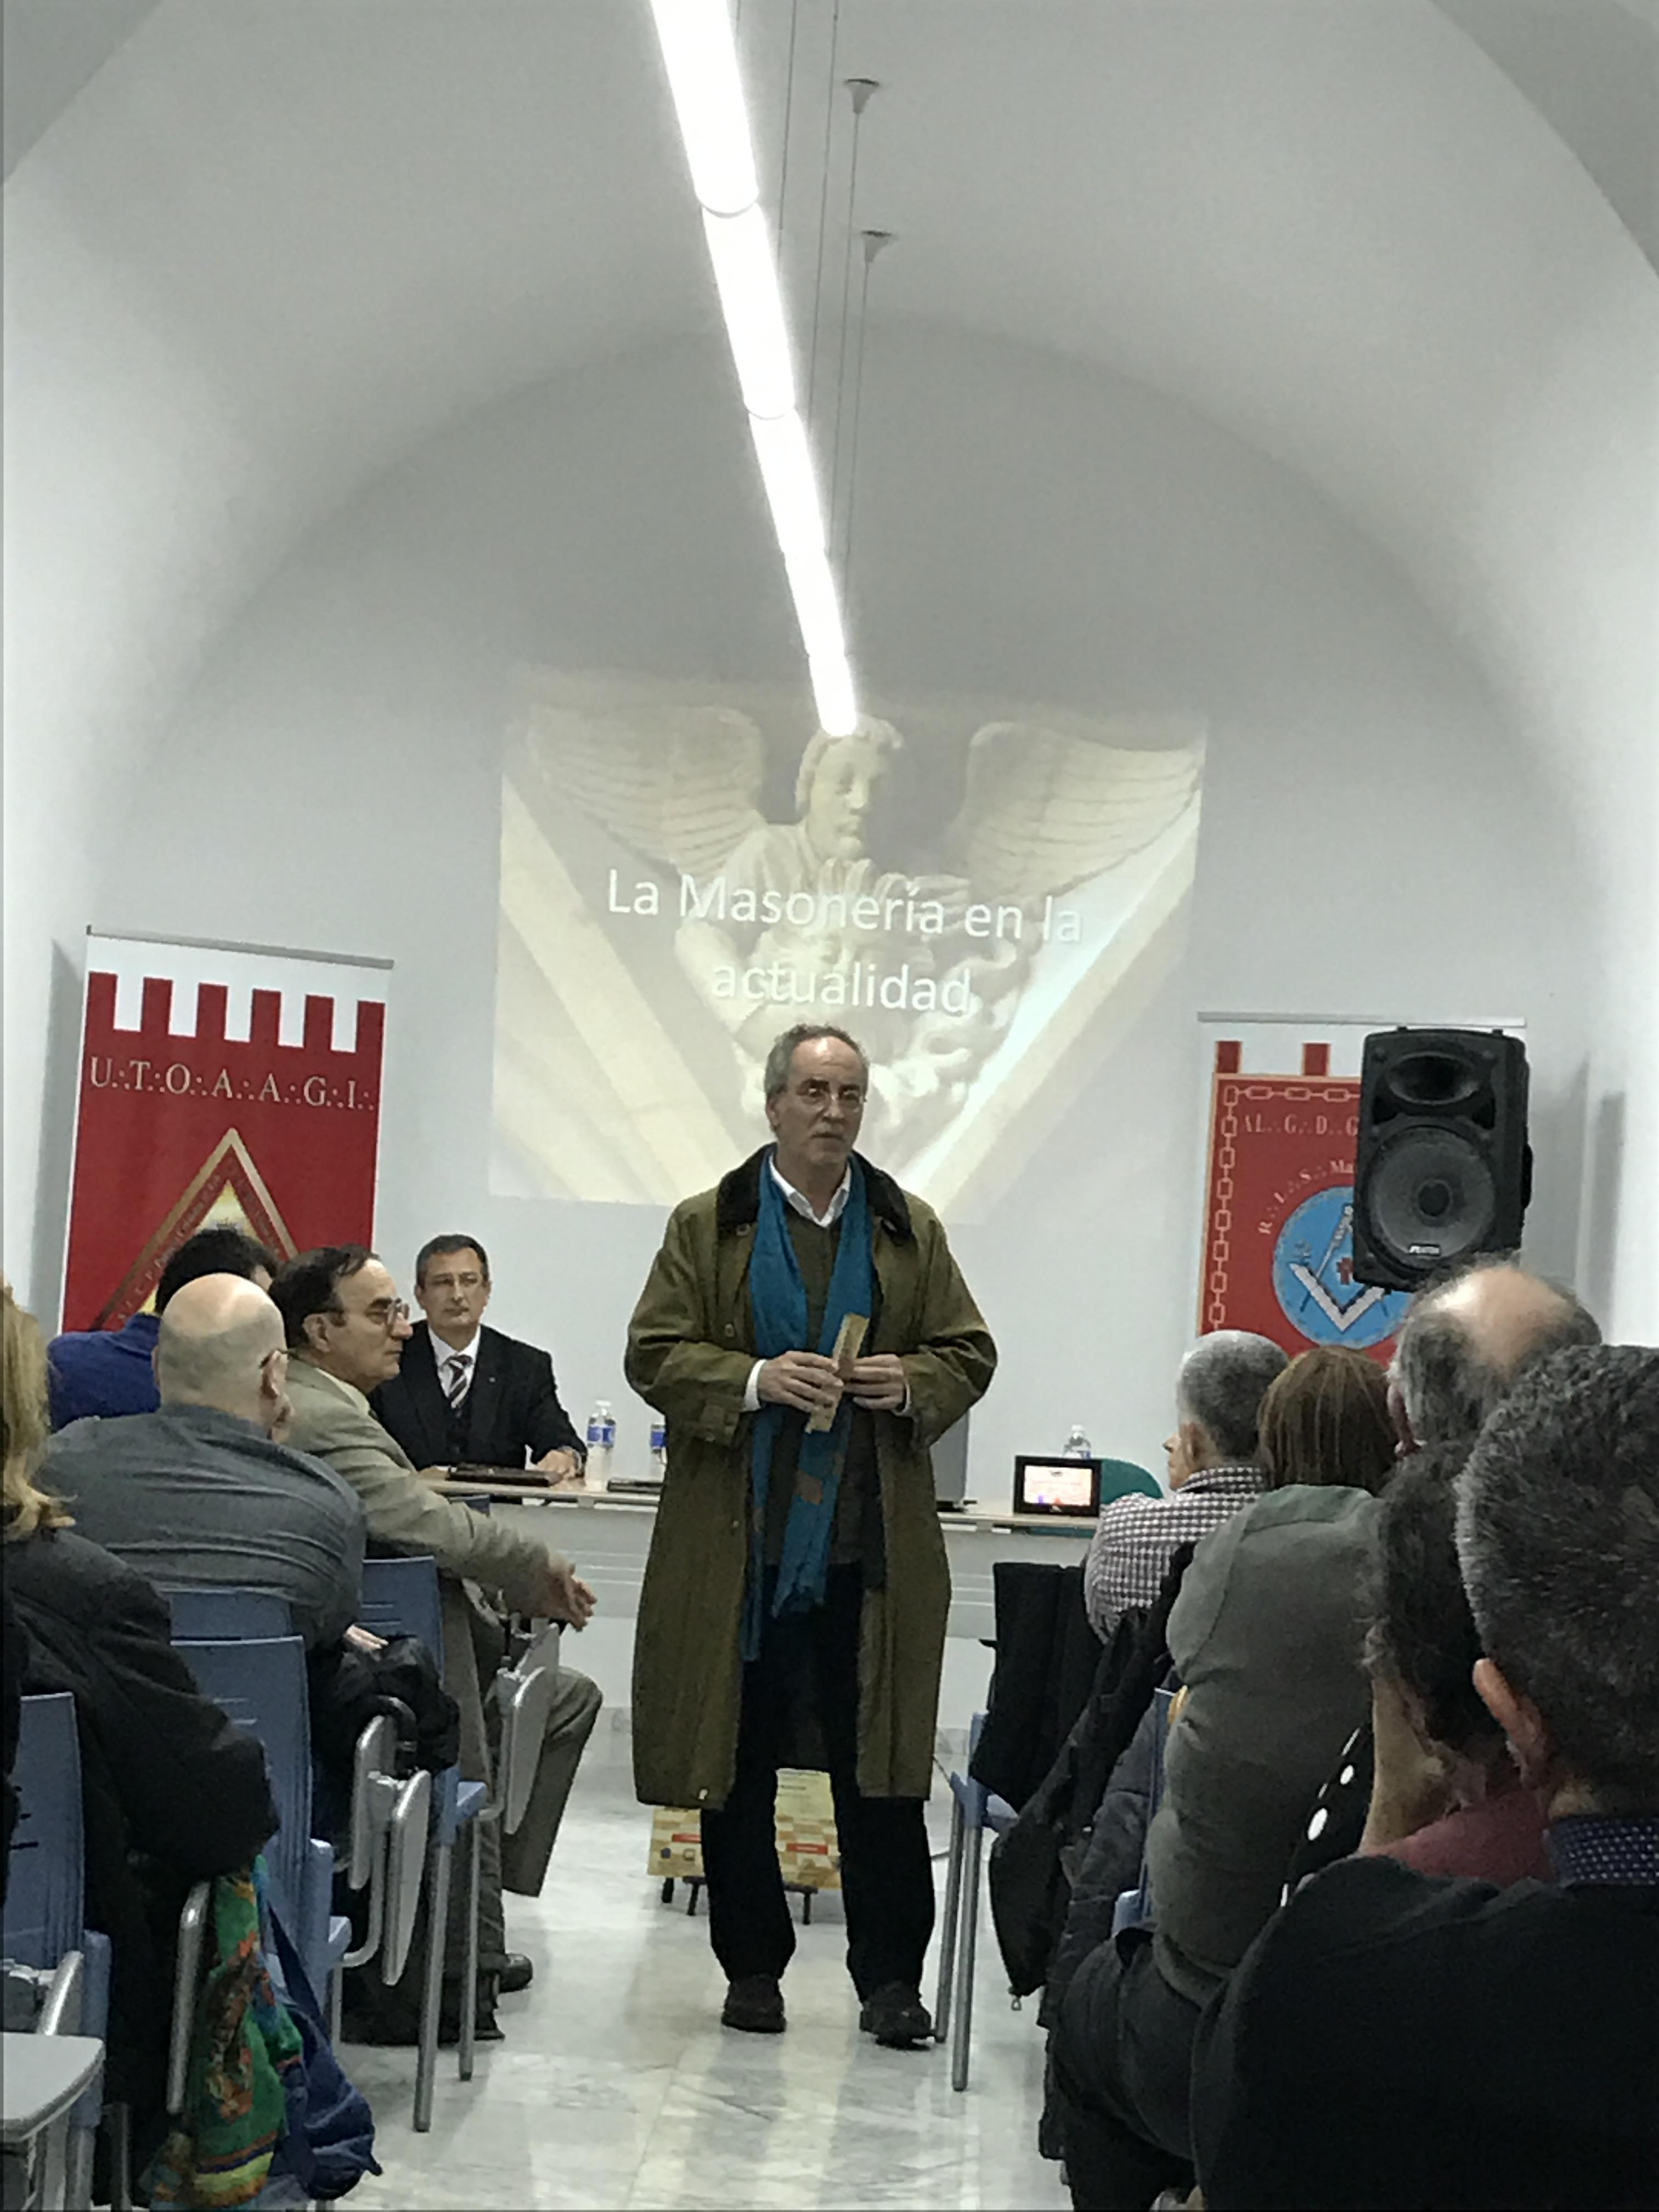 Jornadas sobre la presencia de la Masonería en Córdoba